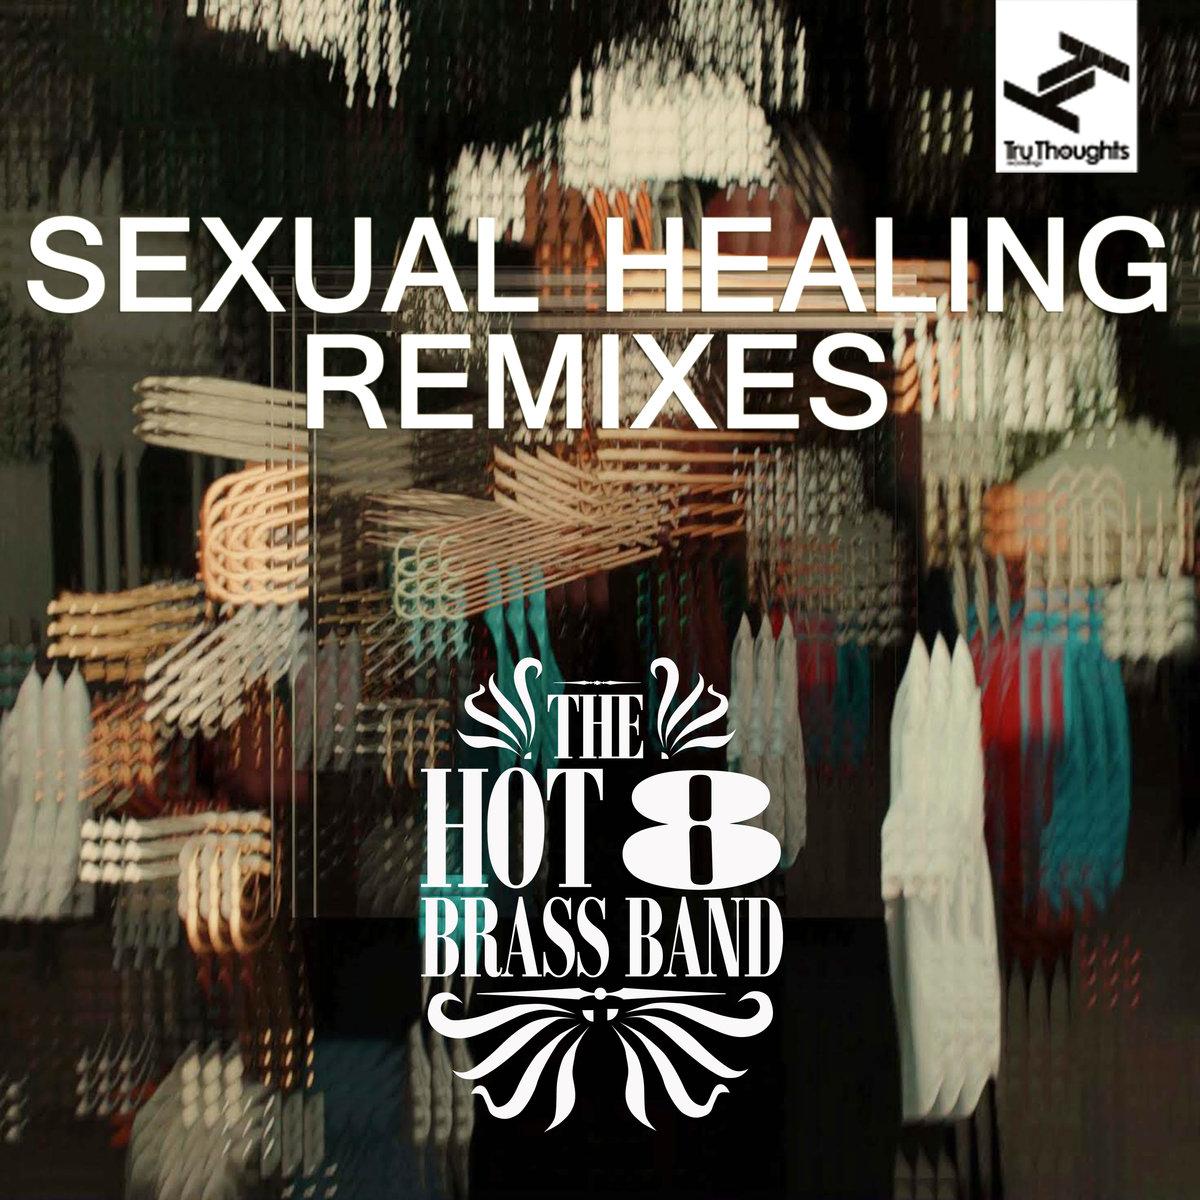 Hot 8 Brass Band - Sexual Healing Remixes // full stream